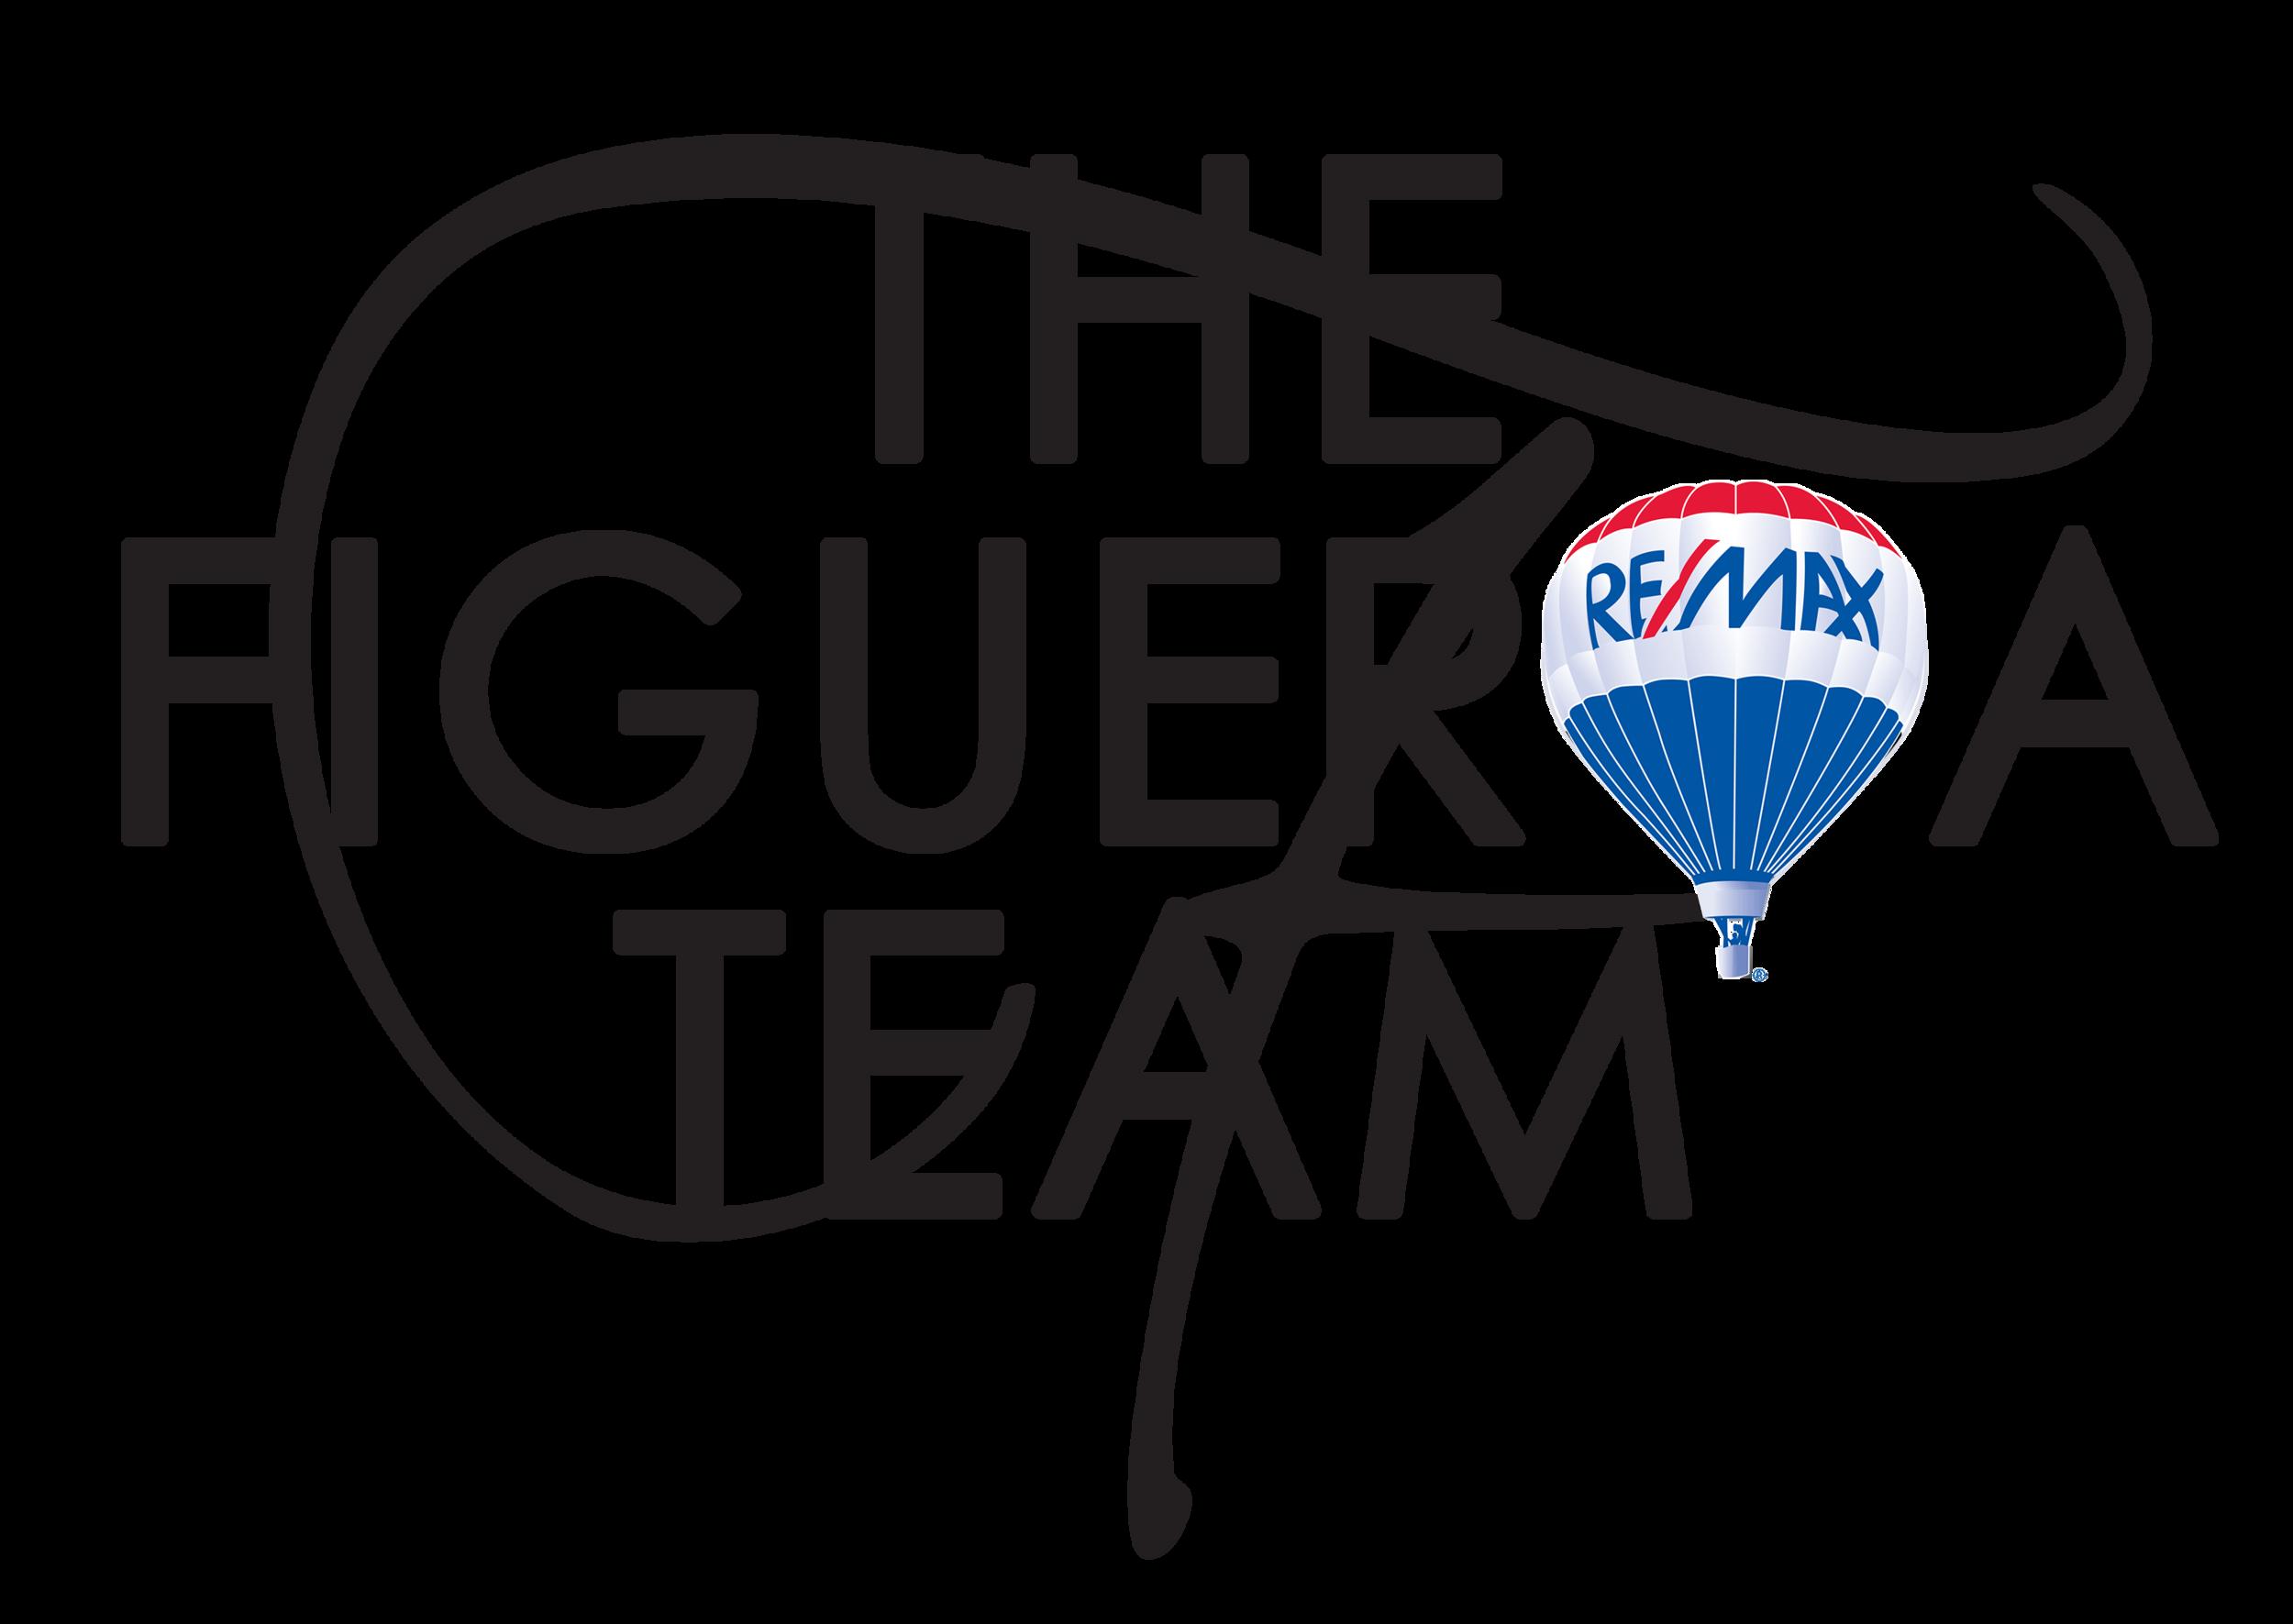 Figueroa Logo Centered color balloon (1).png